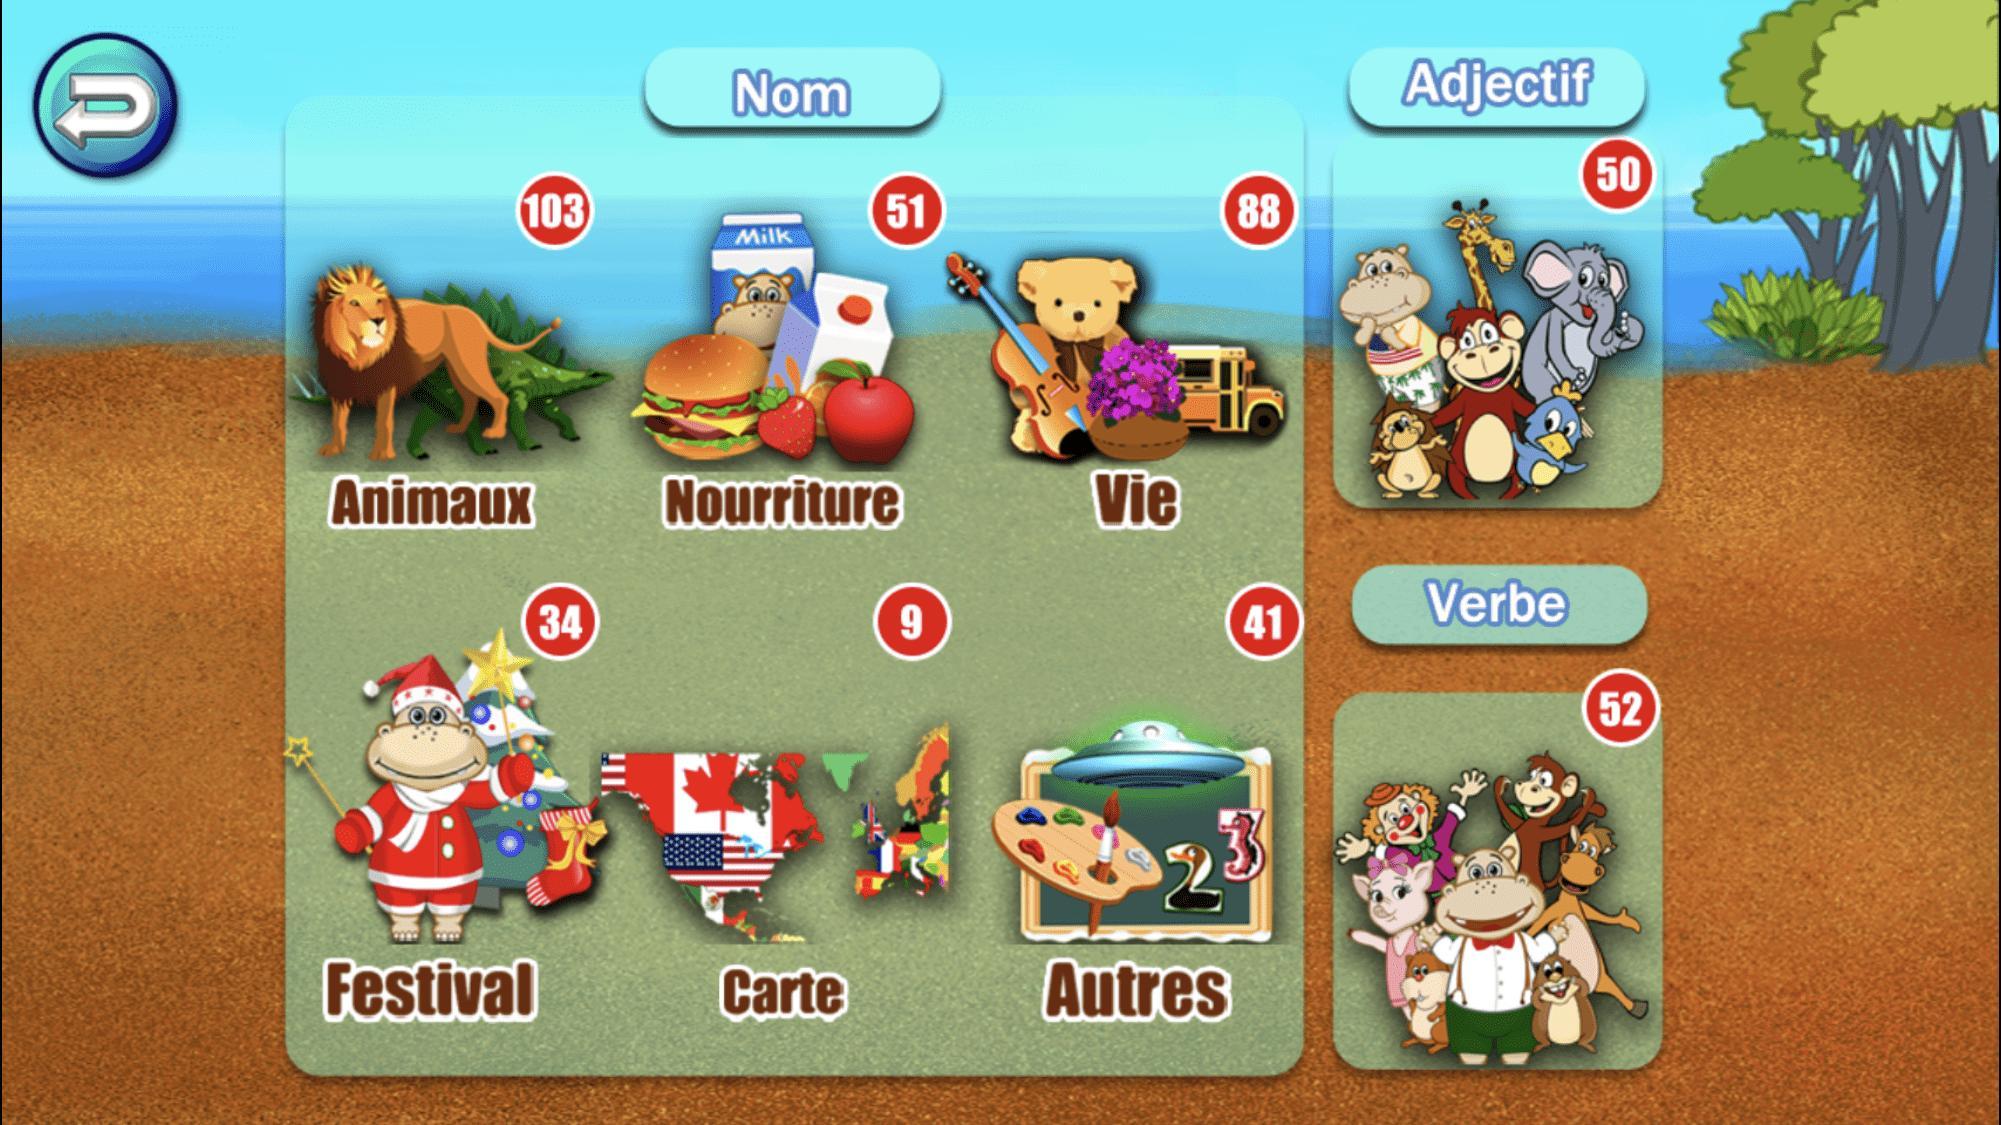 Puzzle De Forme Jeu Préféré Des Enfants Gratuit Pour Android tout Jeux Pc Enfant